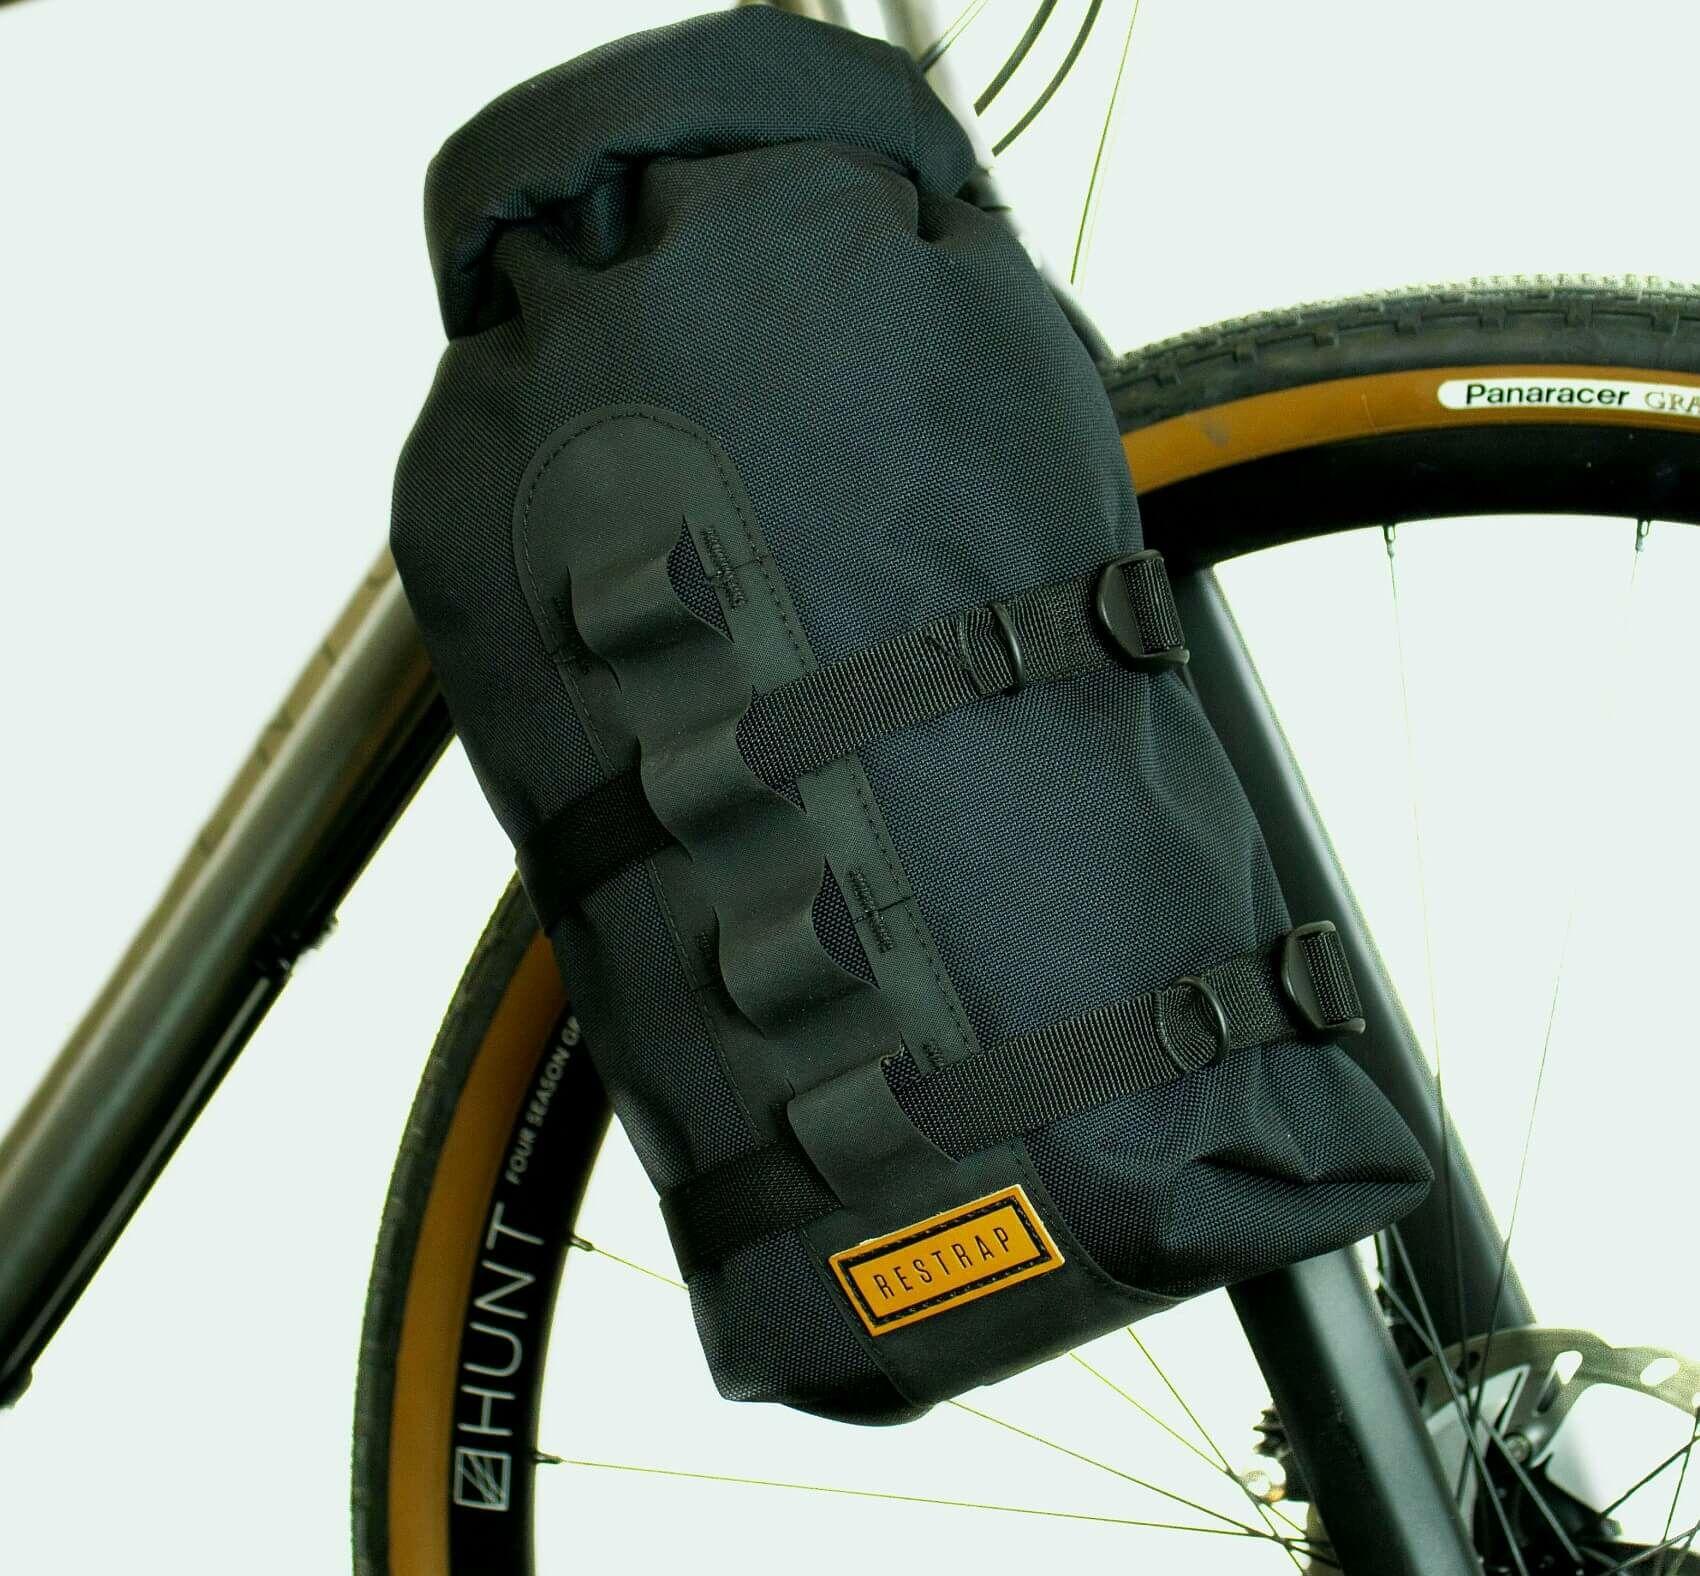 3_bikepacking túra közlekedés mibe pakold a cuccot a kerékpáron, melyik táska hova és mire való